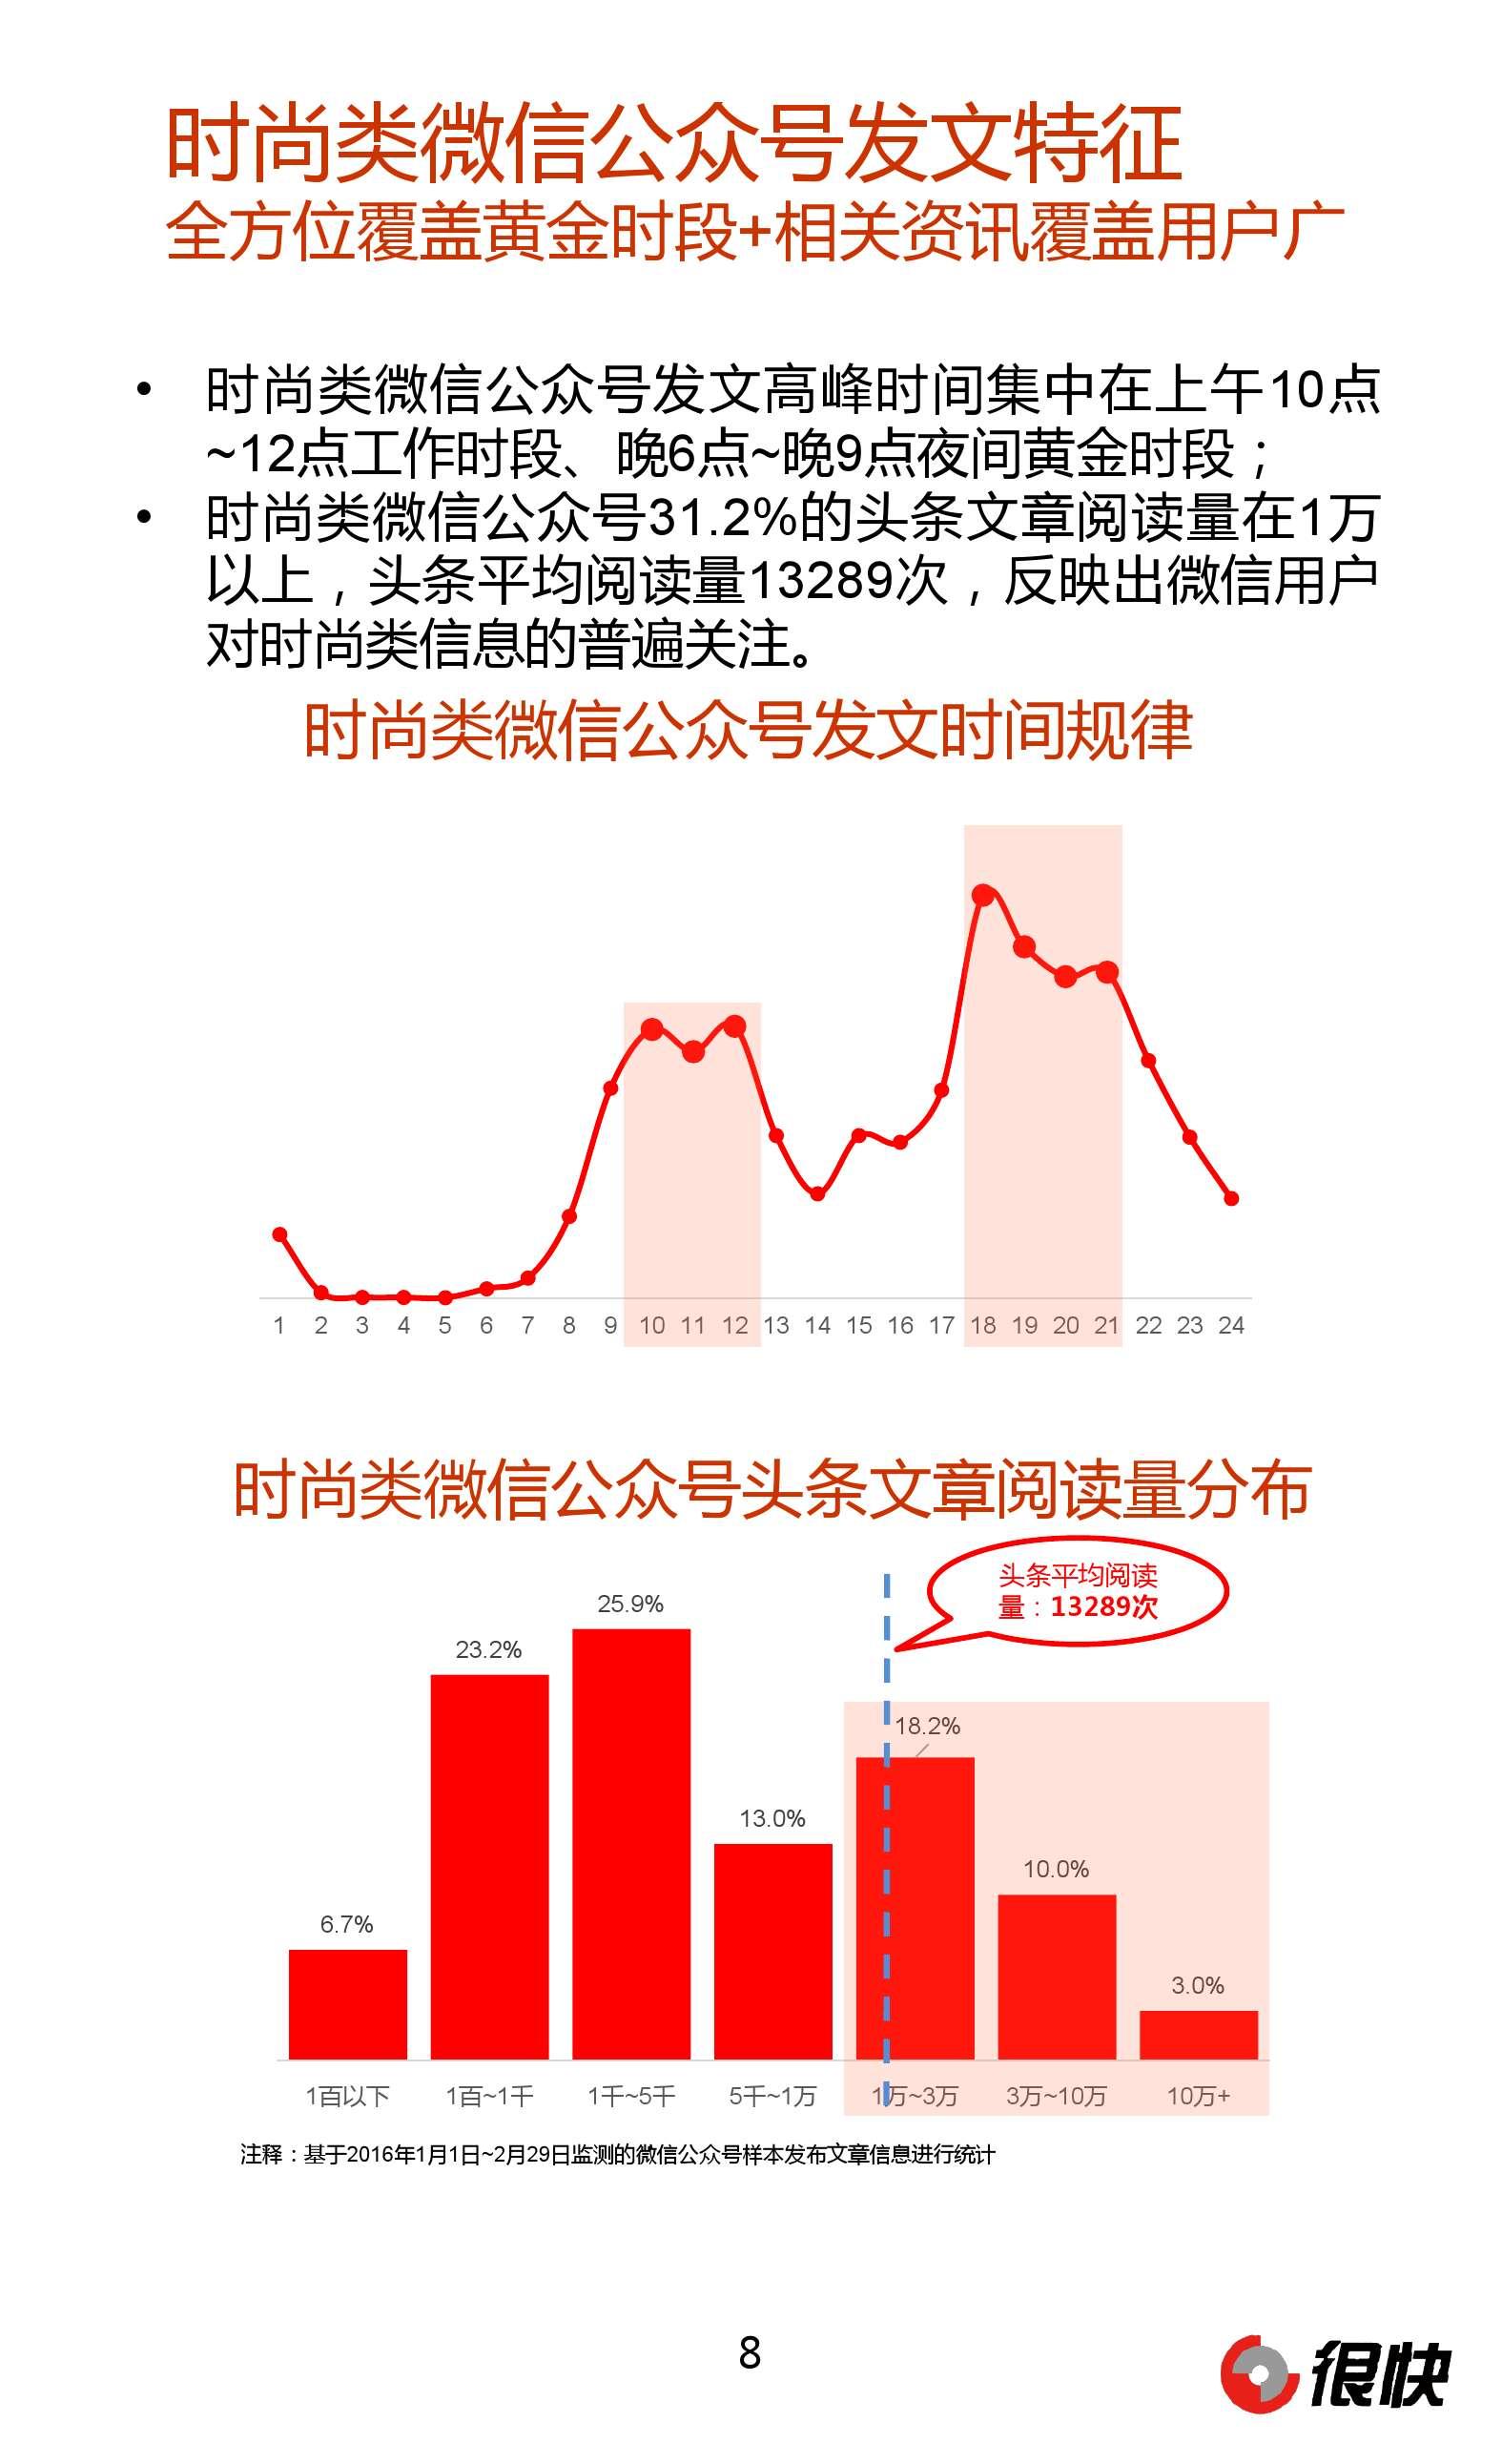 Henkuai-中国行业时尚微信公众号数据洞察报告_000008